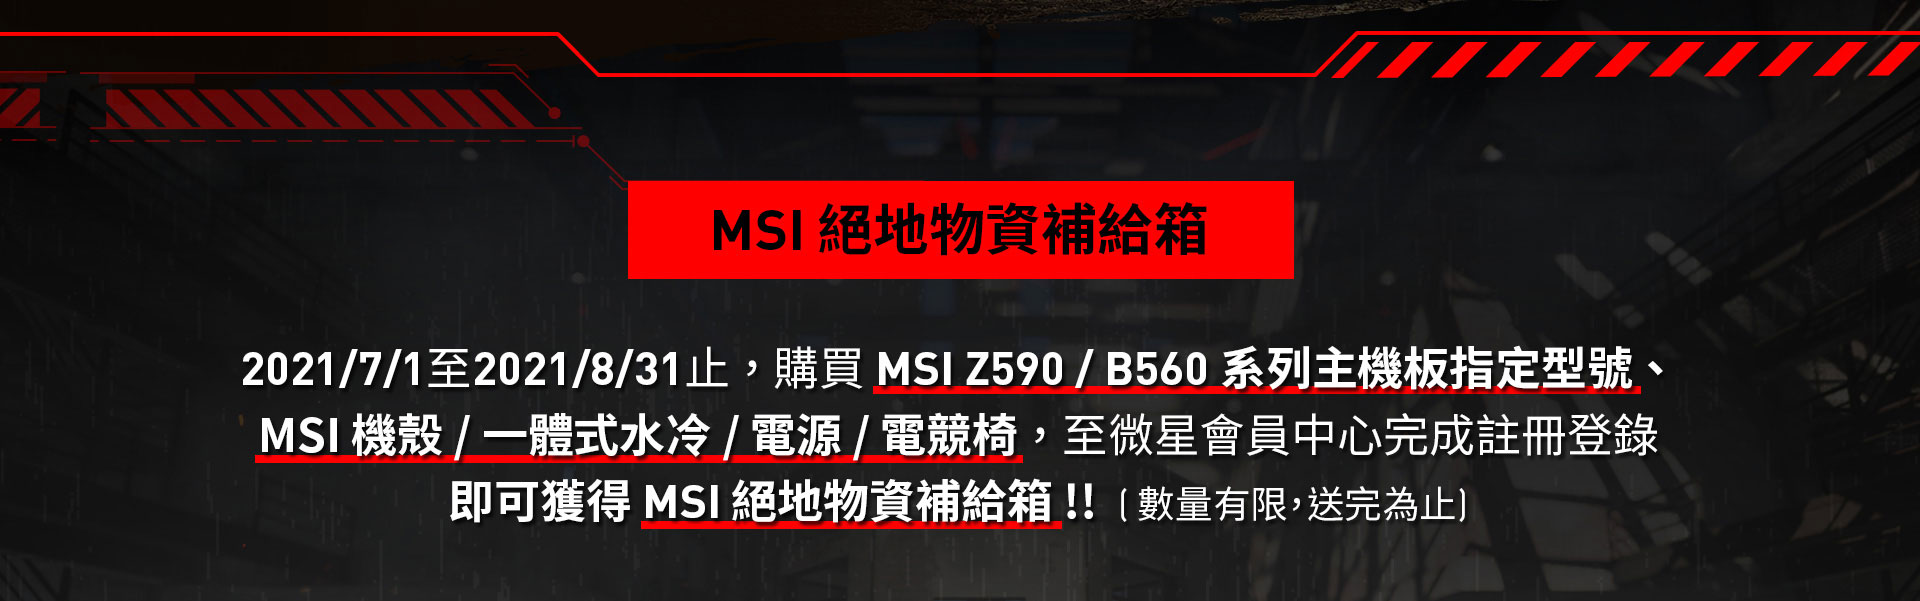 2021/7/1至2021/8/31止 , 購買 MSI Z590 / B560 系列主機板指定型號 、 MSI 機殼 / 一體式水冷 / 電源 / 電競椅 , 至微星會員中心完成註冊登錄即可獲得 MSI 絕地物資補給箱 !!  ( 數量有限,送完為止)